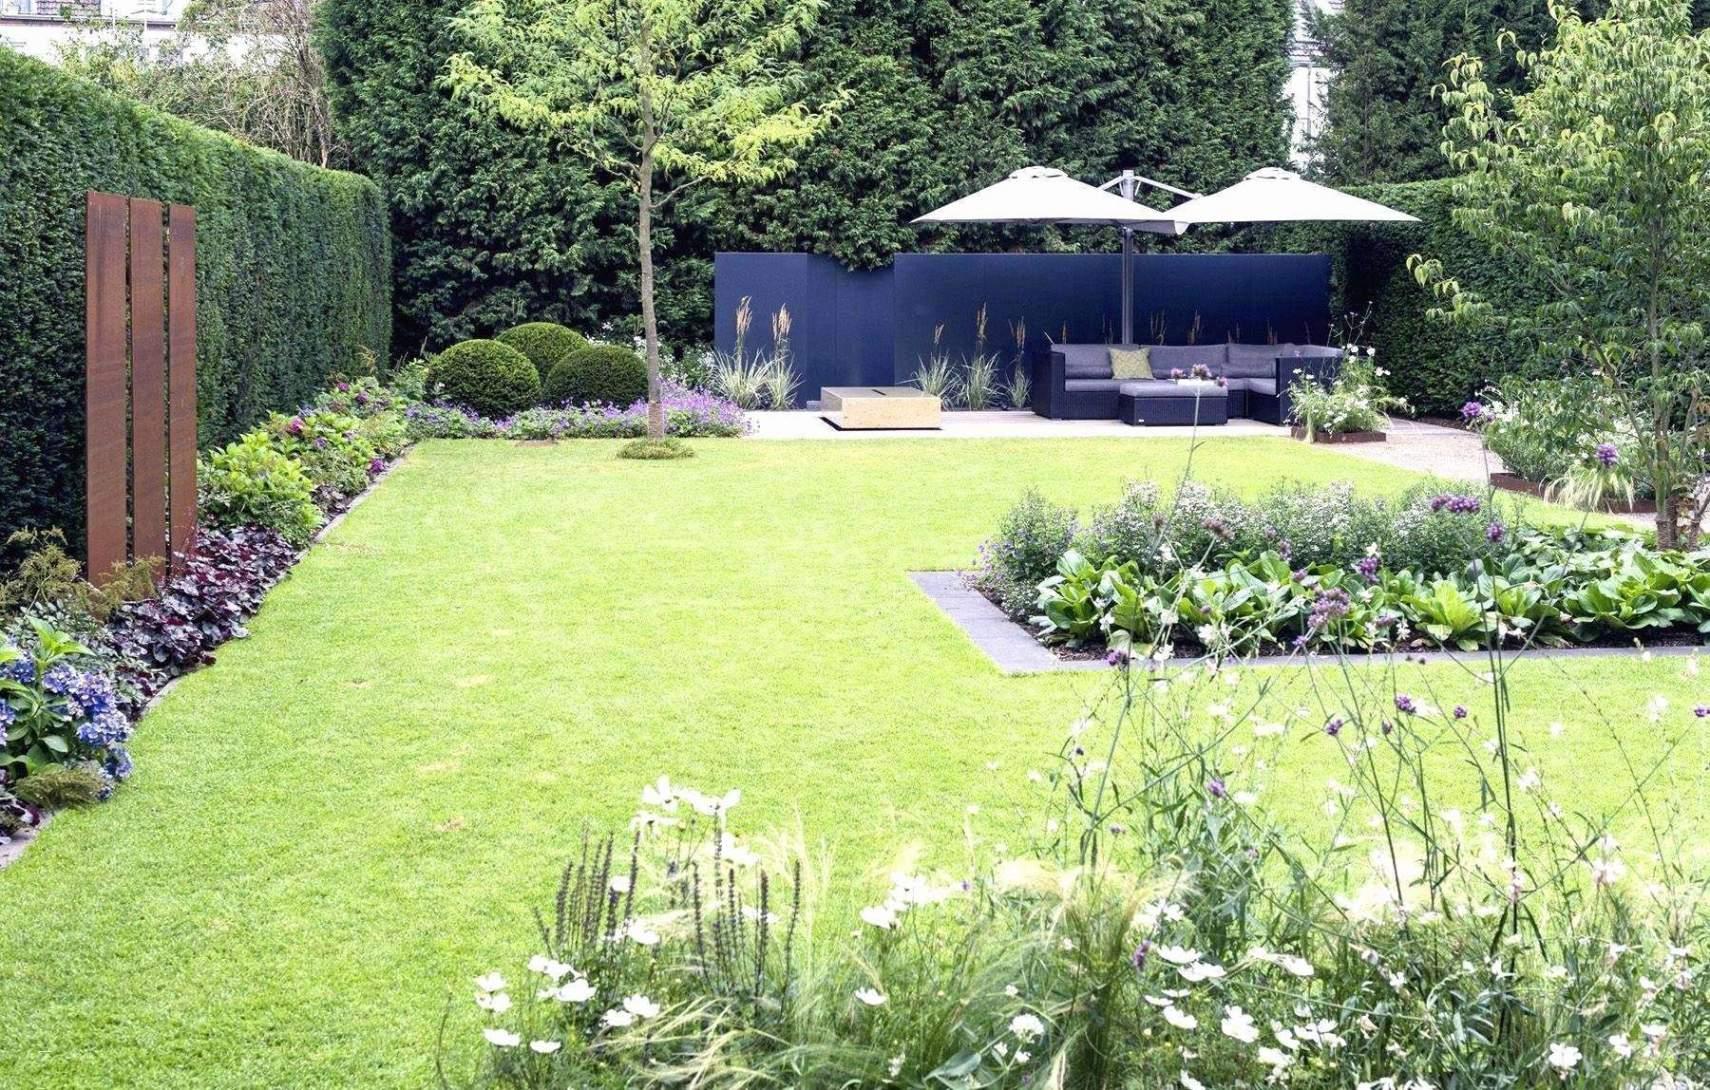 Feuerstelle Garten Erlaubt Genial Feuerstellen Im Garten — Temobardz Home Blog